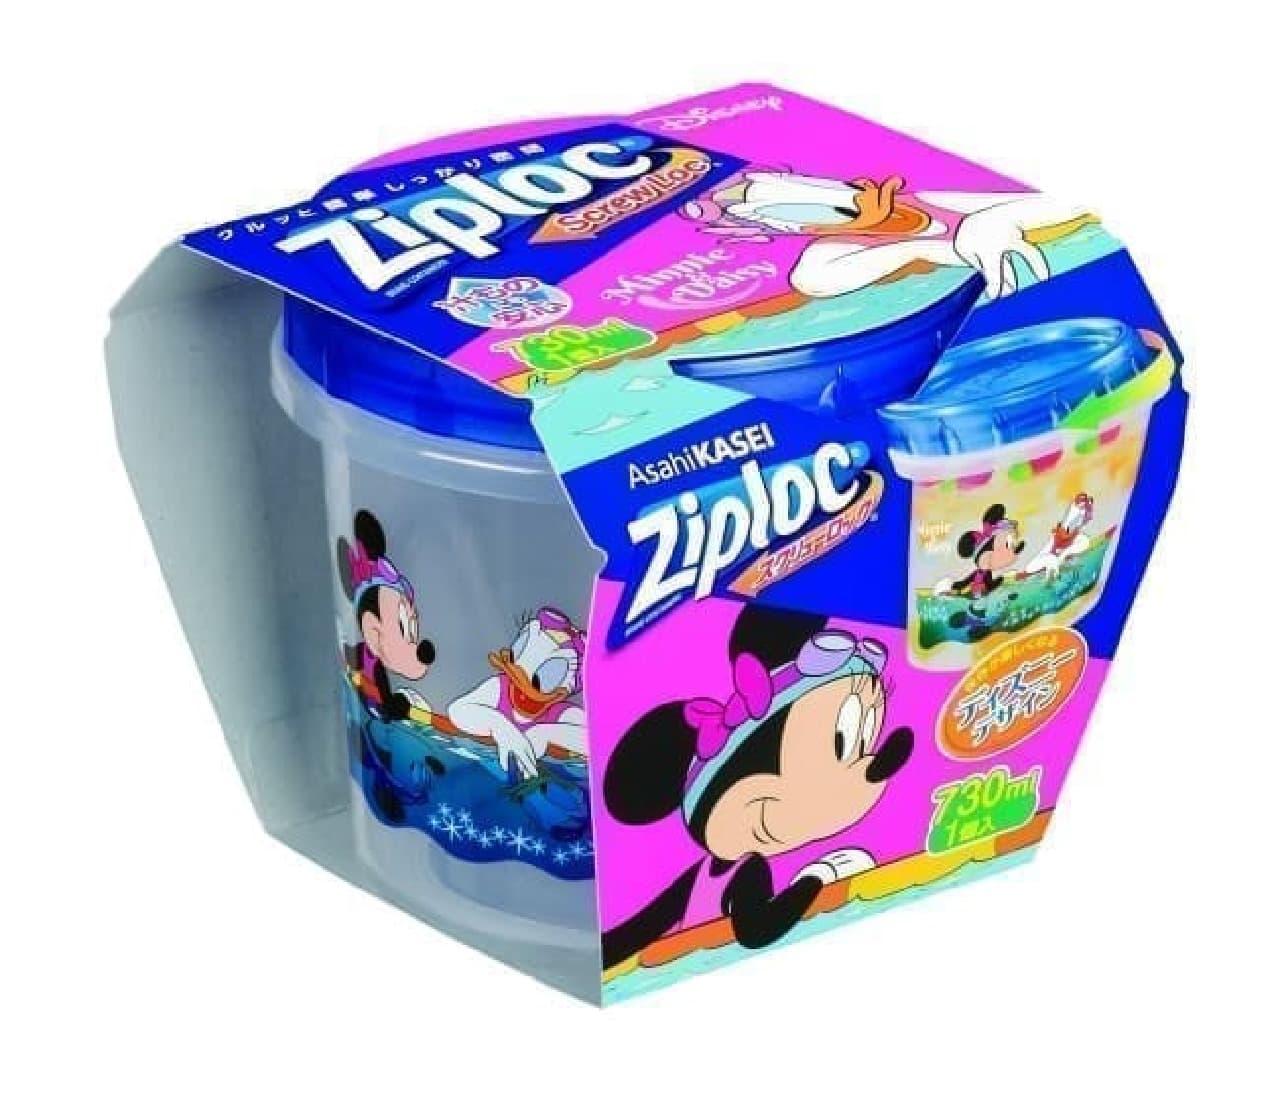 ジップロックから春のディズニーシリーズ--ミッキーたちをデザインしたコンテナーやフリーザーバッグ2020